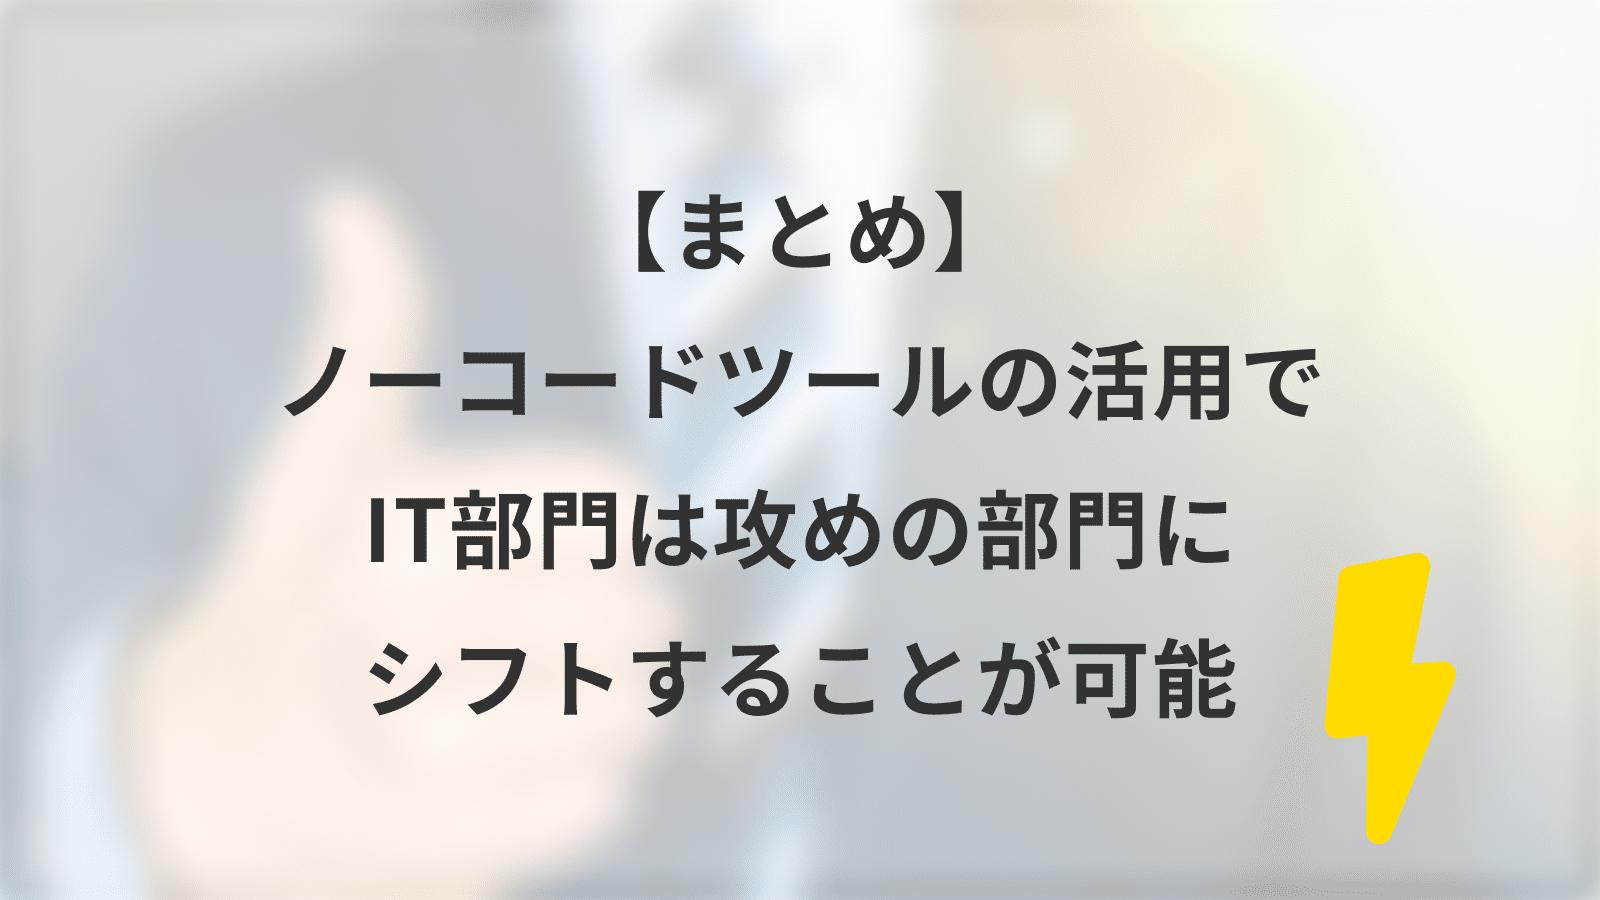 【まとめ】ノーコードツールの活用でIT部門は攻めの部門にシフトすることが可能